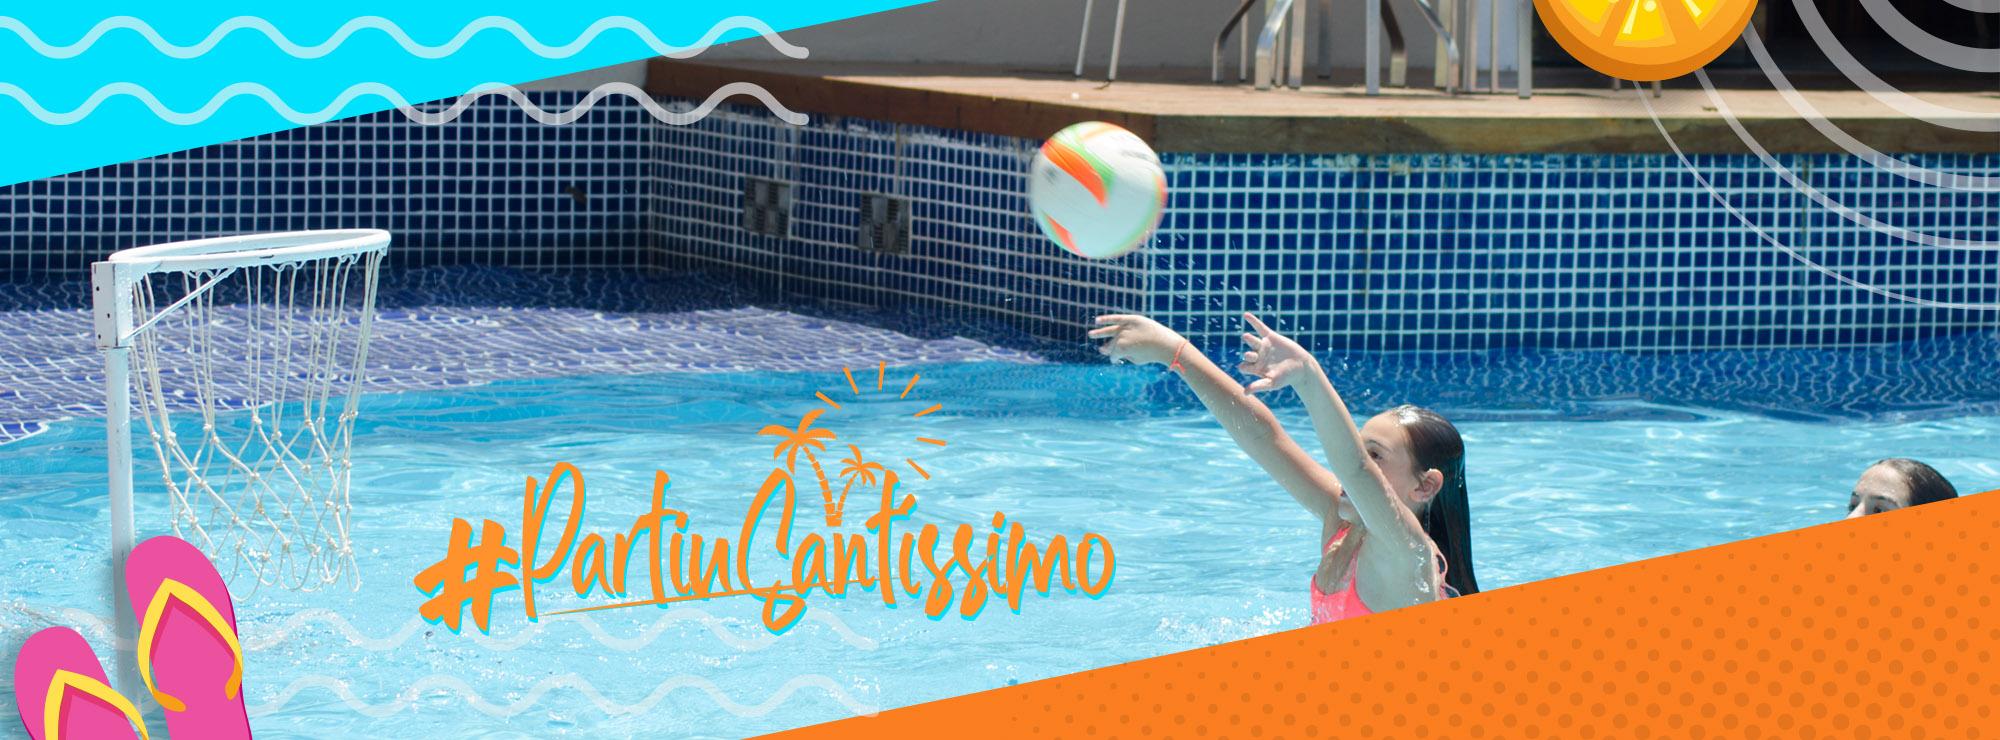 271-19_santissimo_facebook_ferias_fevereiro_capa